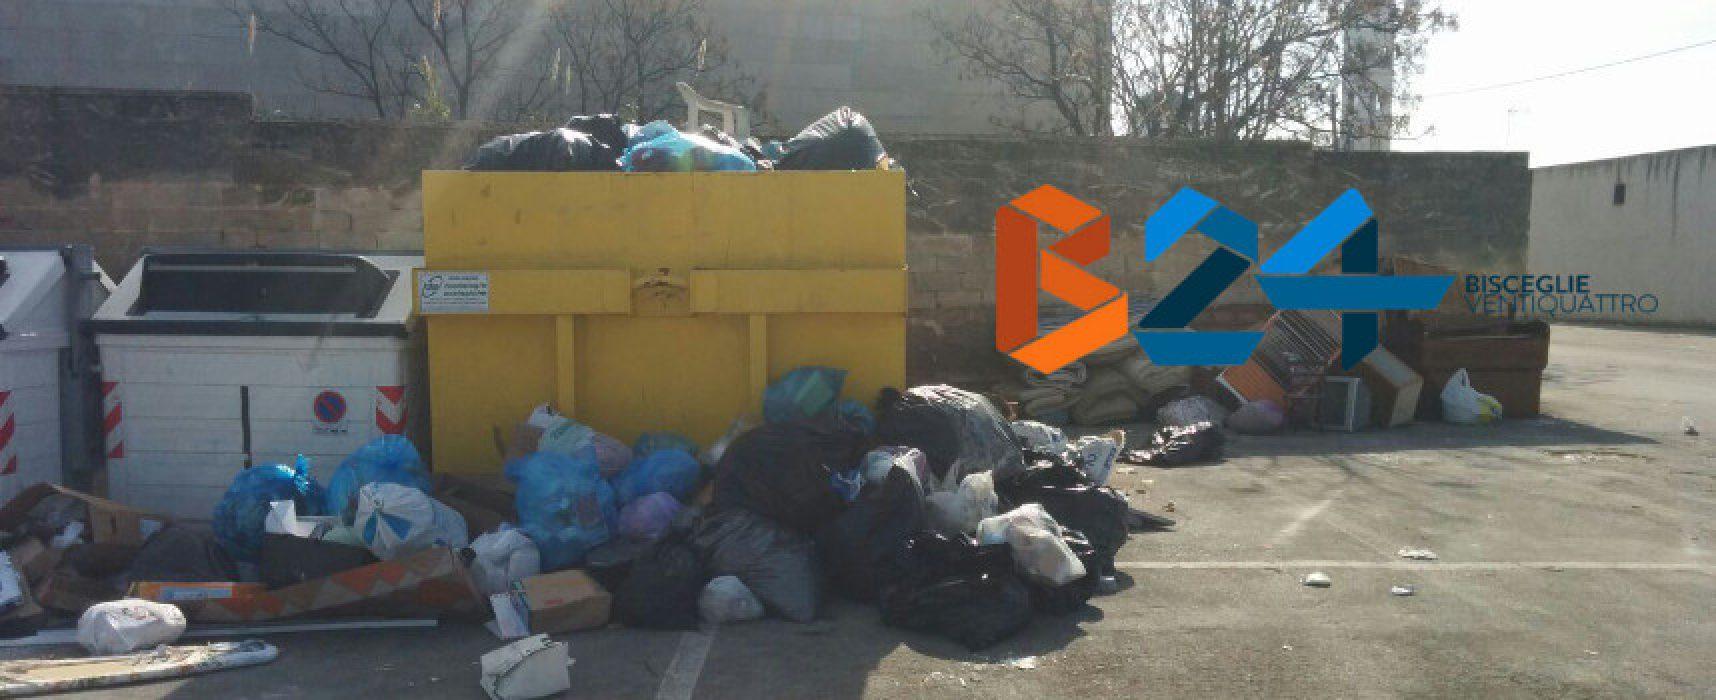 """Bisceglie Civile: """"Task Force contro evasione Tari e lotta all'abbandono rifiuti"""""""